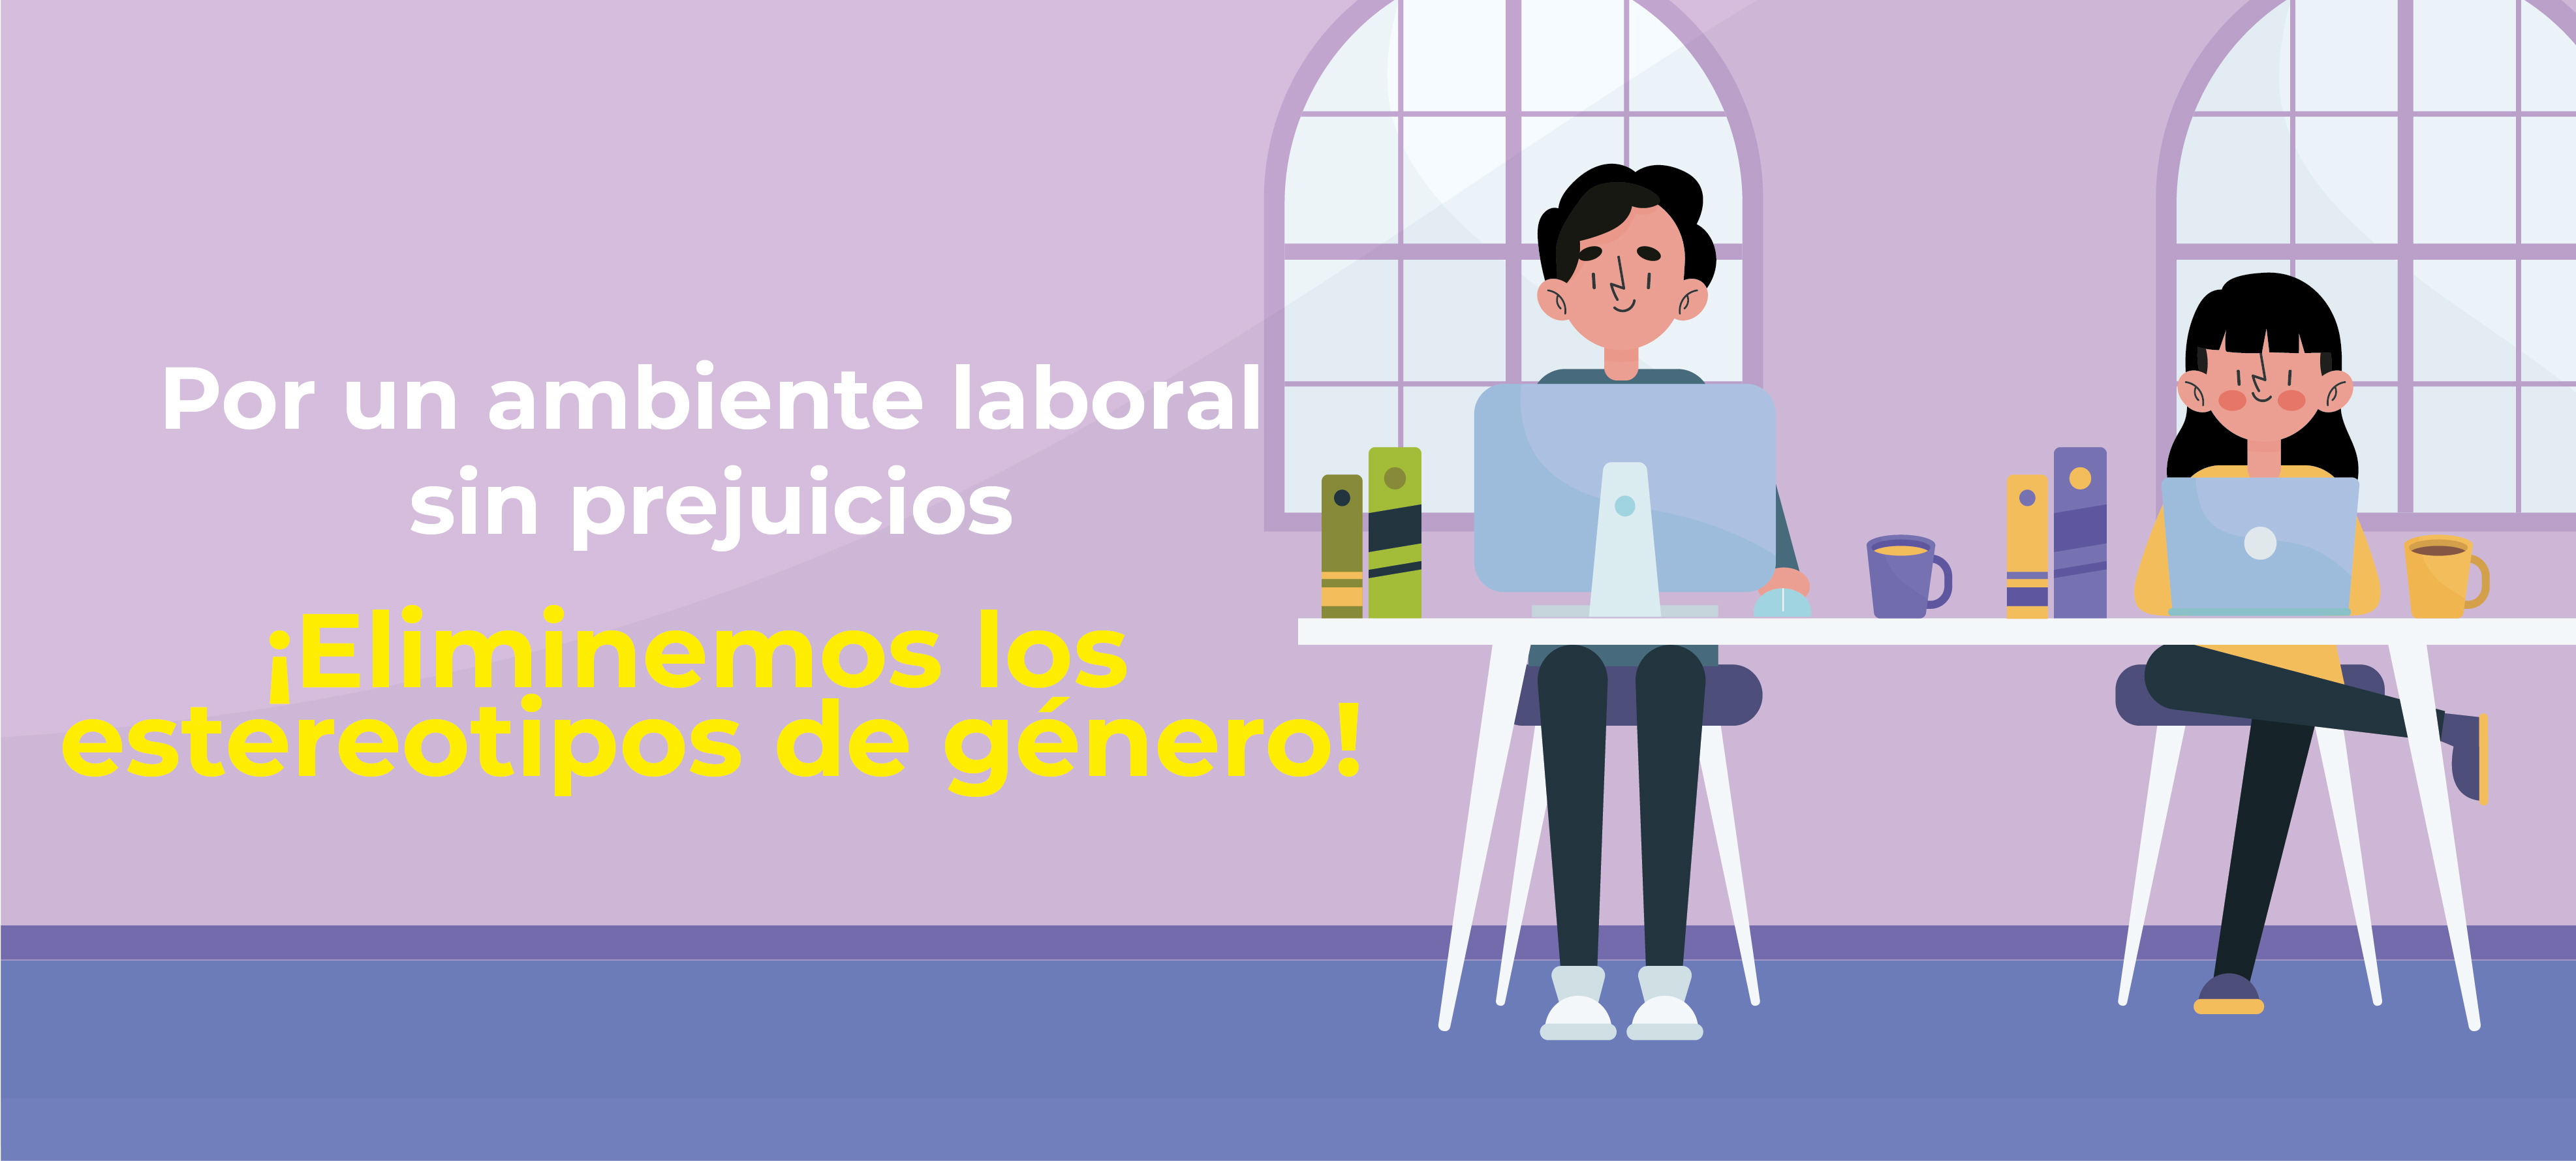 ESTEREOTIPOS DE GENERO-03